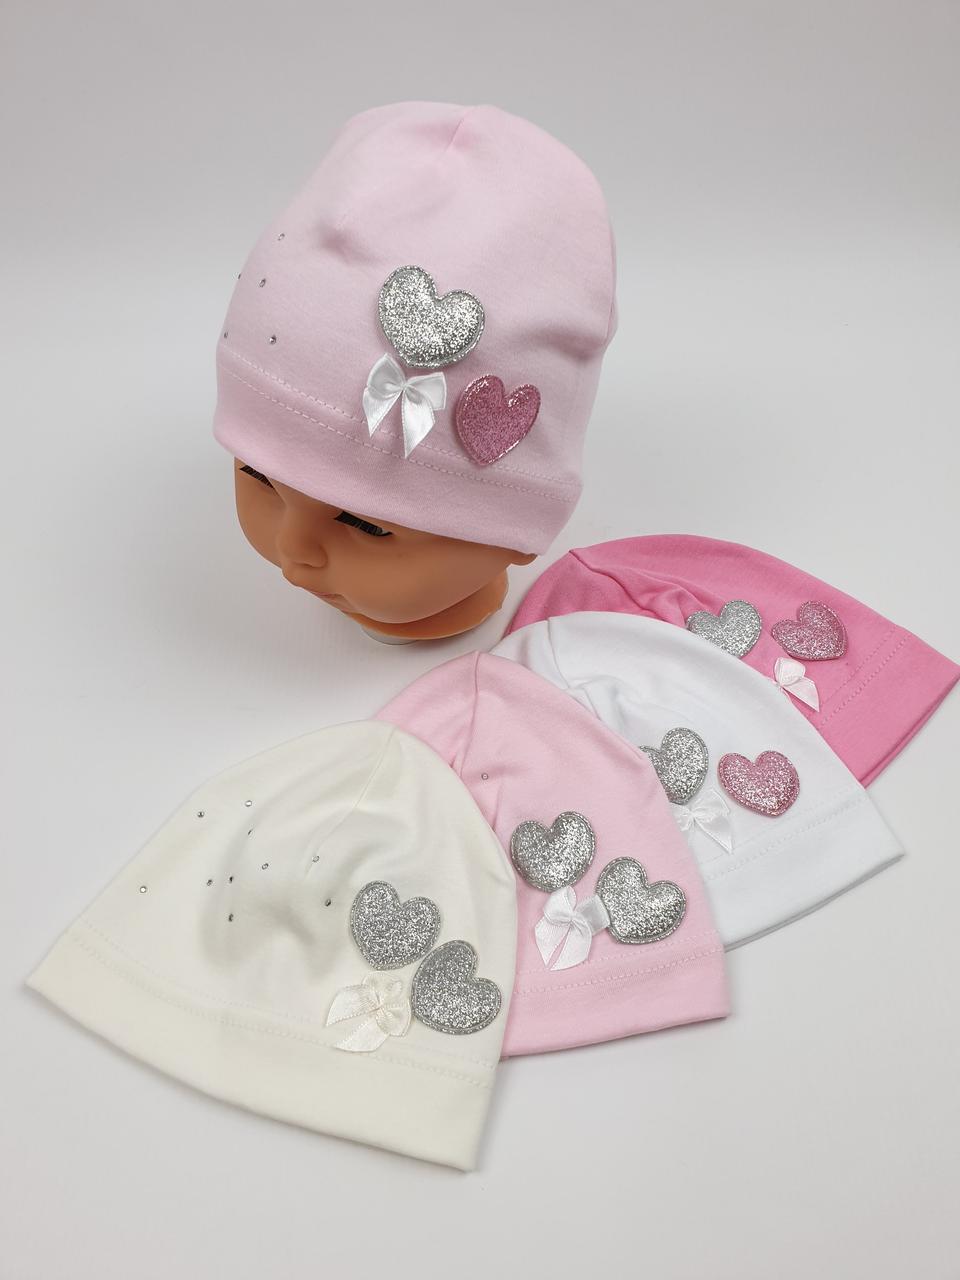 Детские демисезонные трикотажные шапки для девочек оптом, р. 40-42, Польша